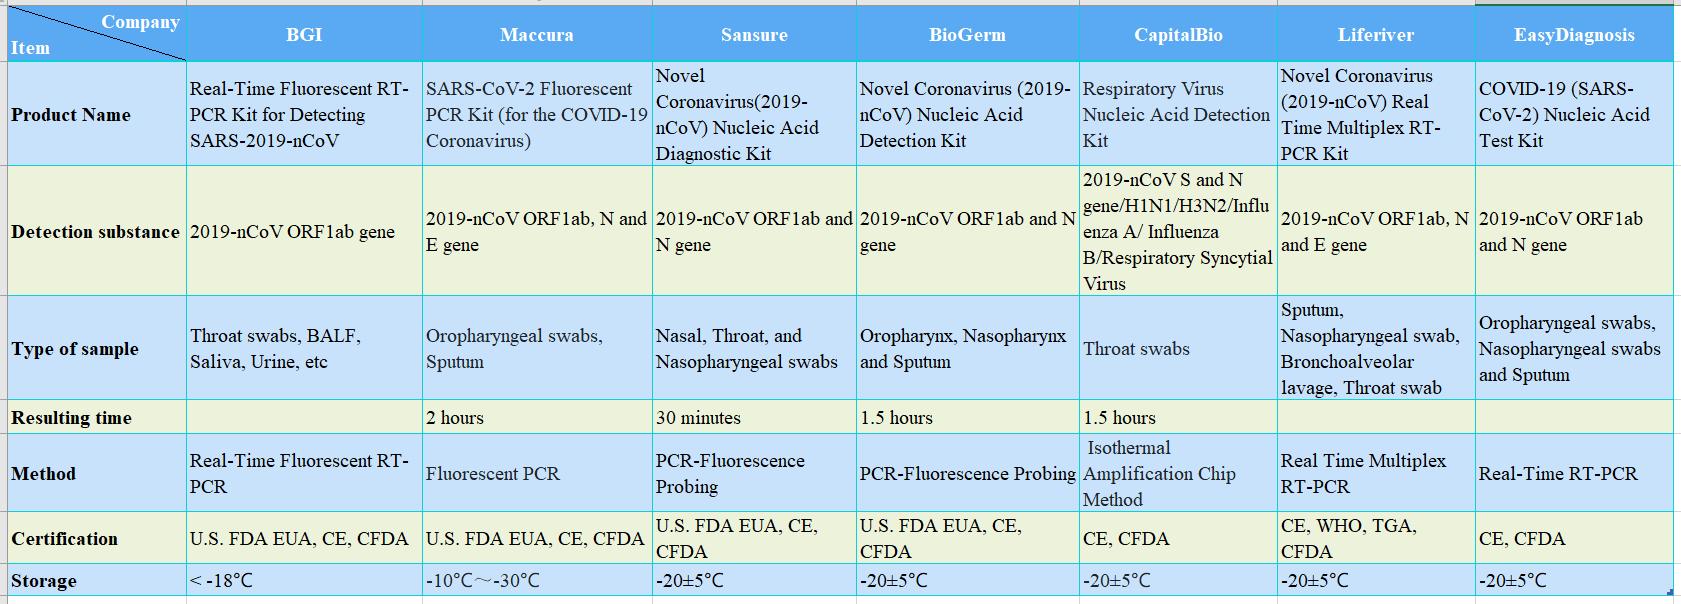 COVID-19 PCR Test Kits Comparison